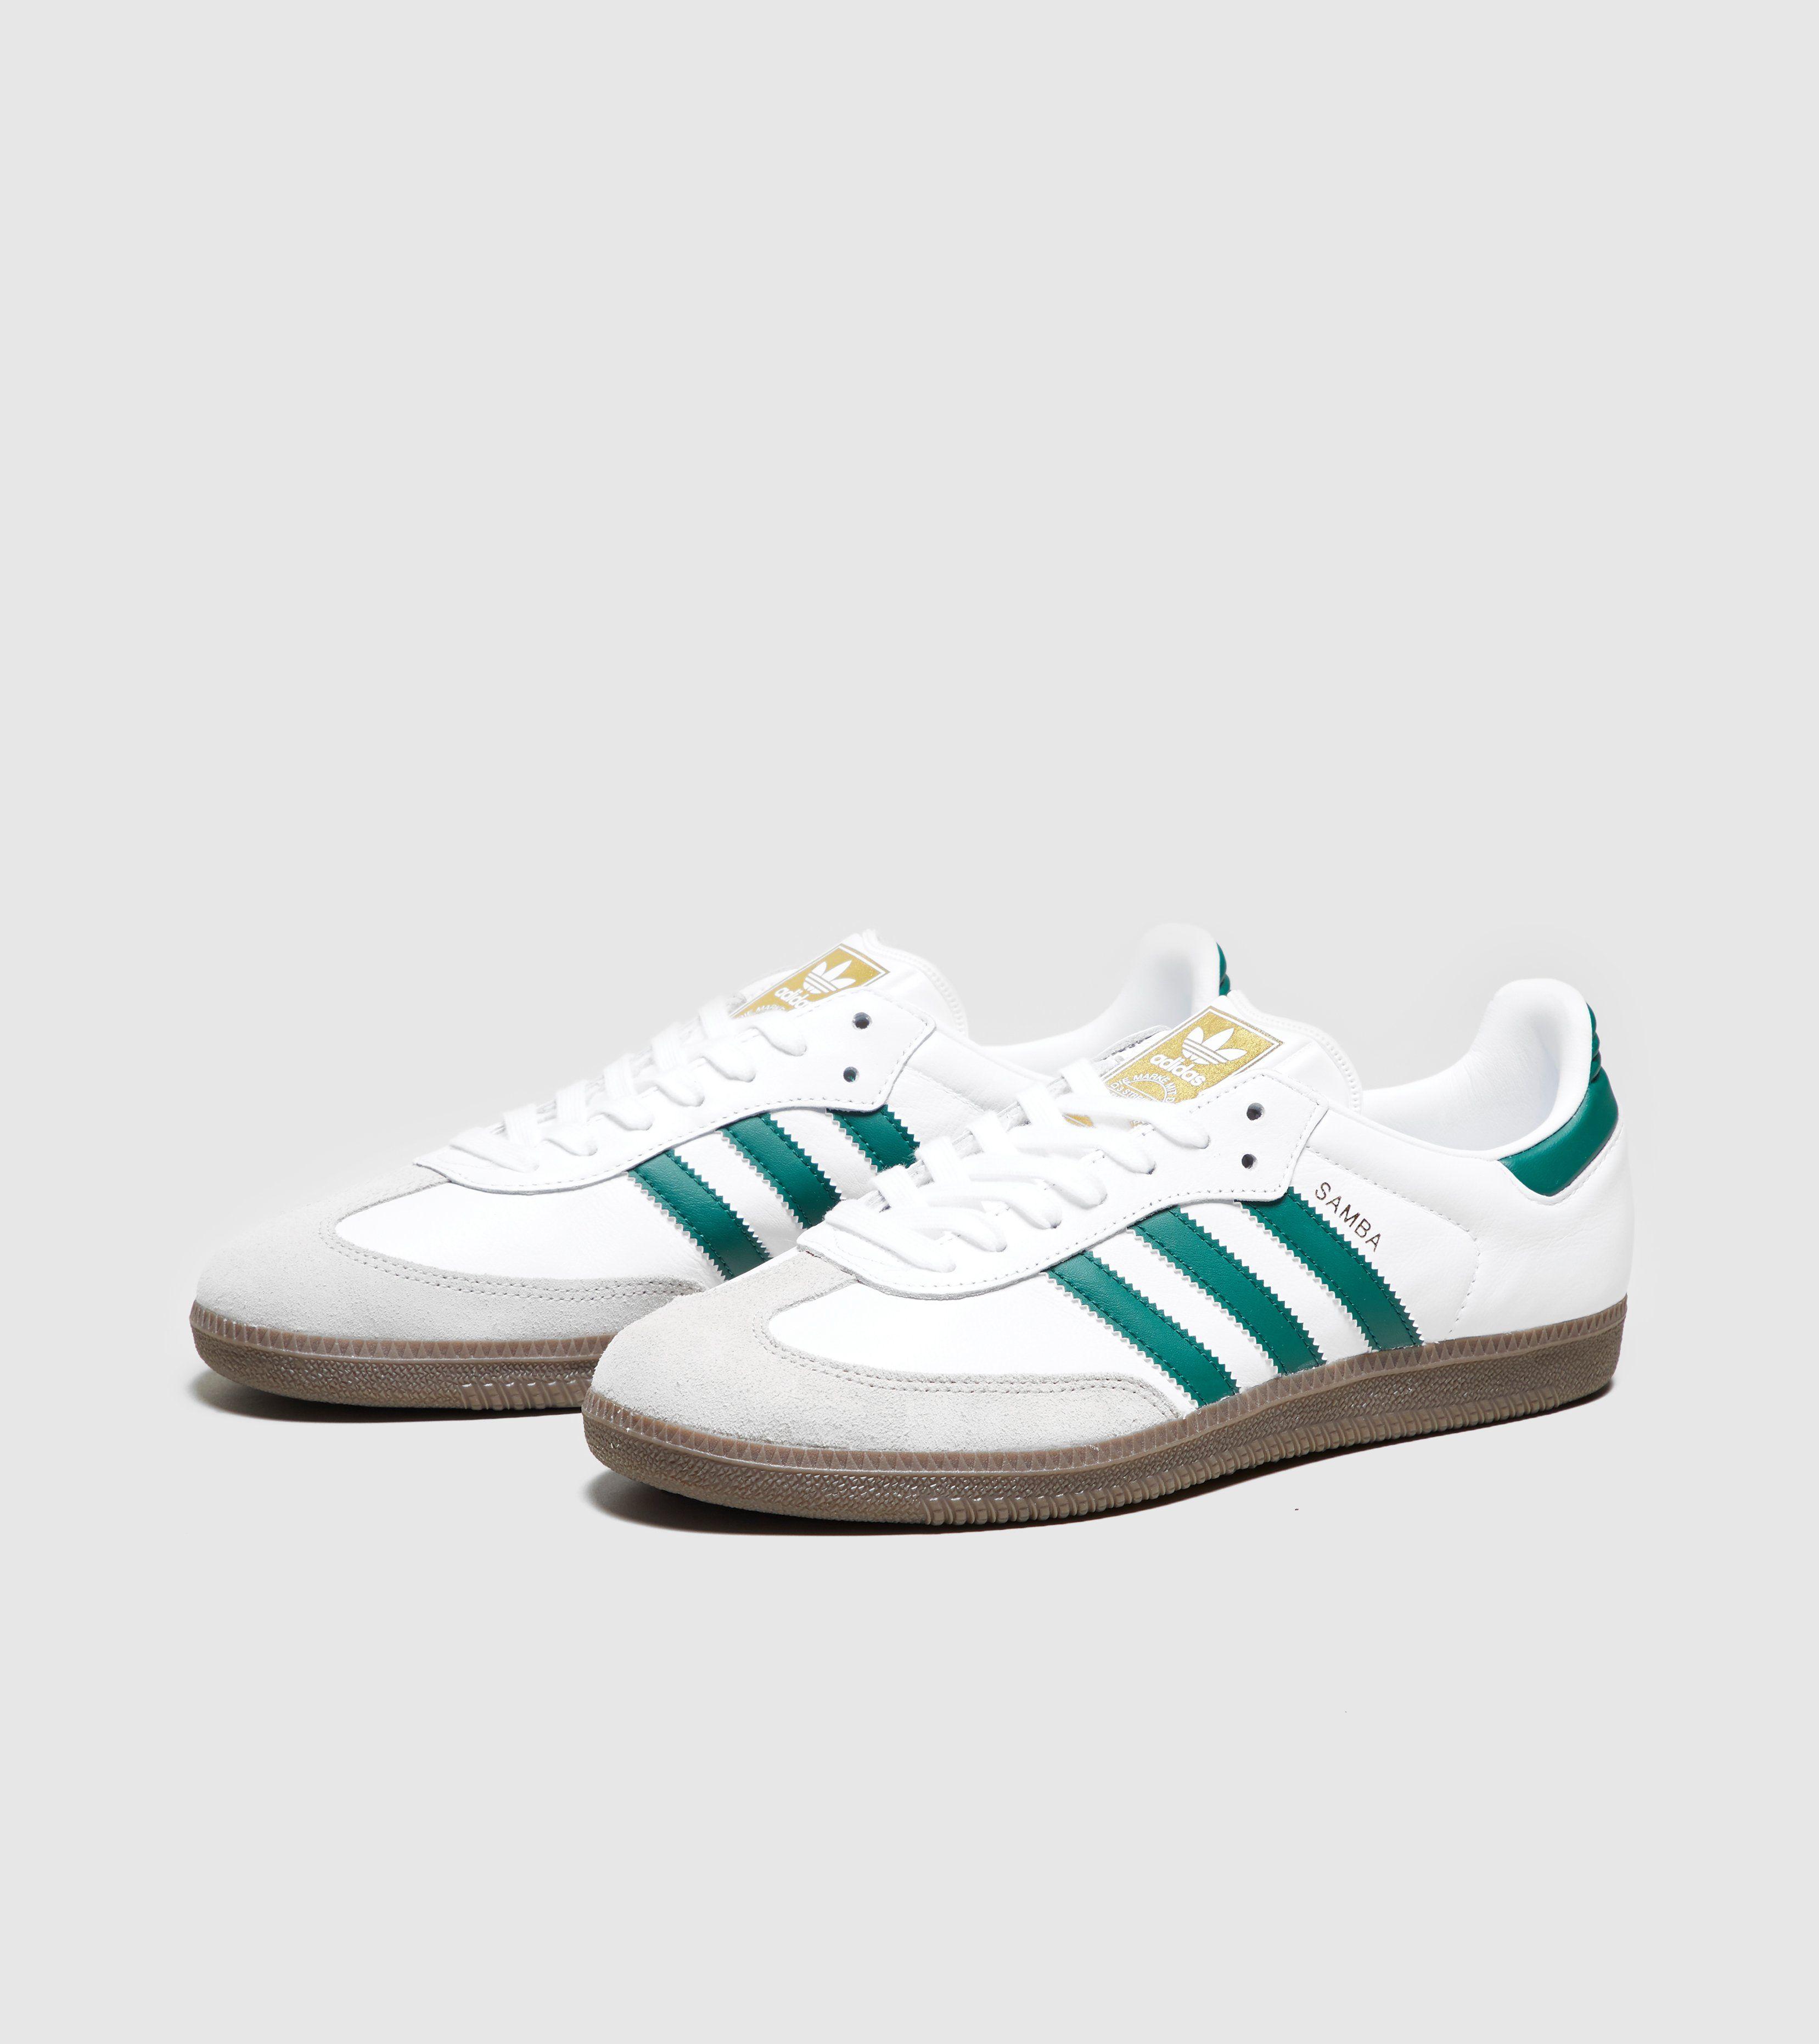 adidas Originals Samba OG